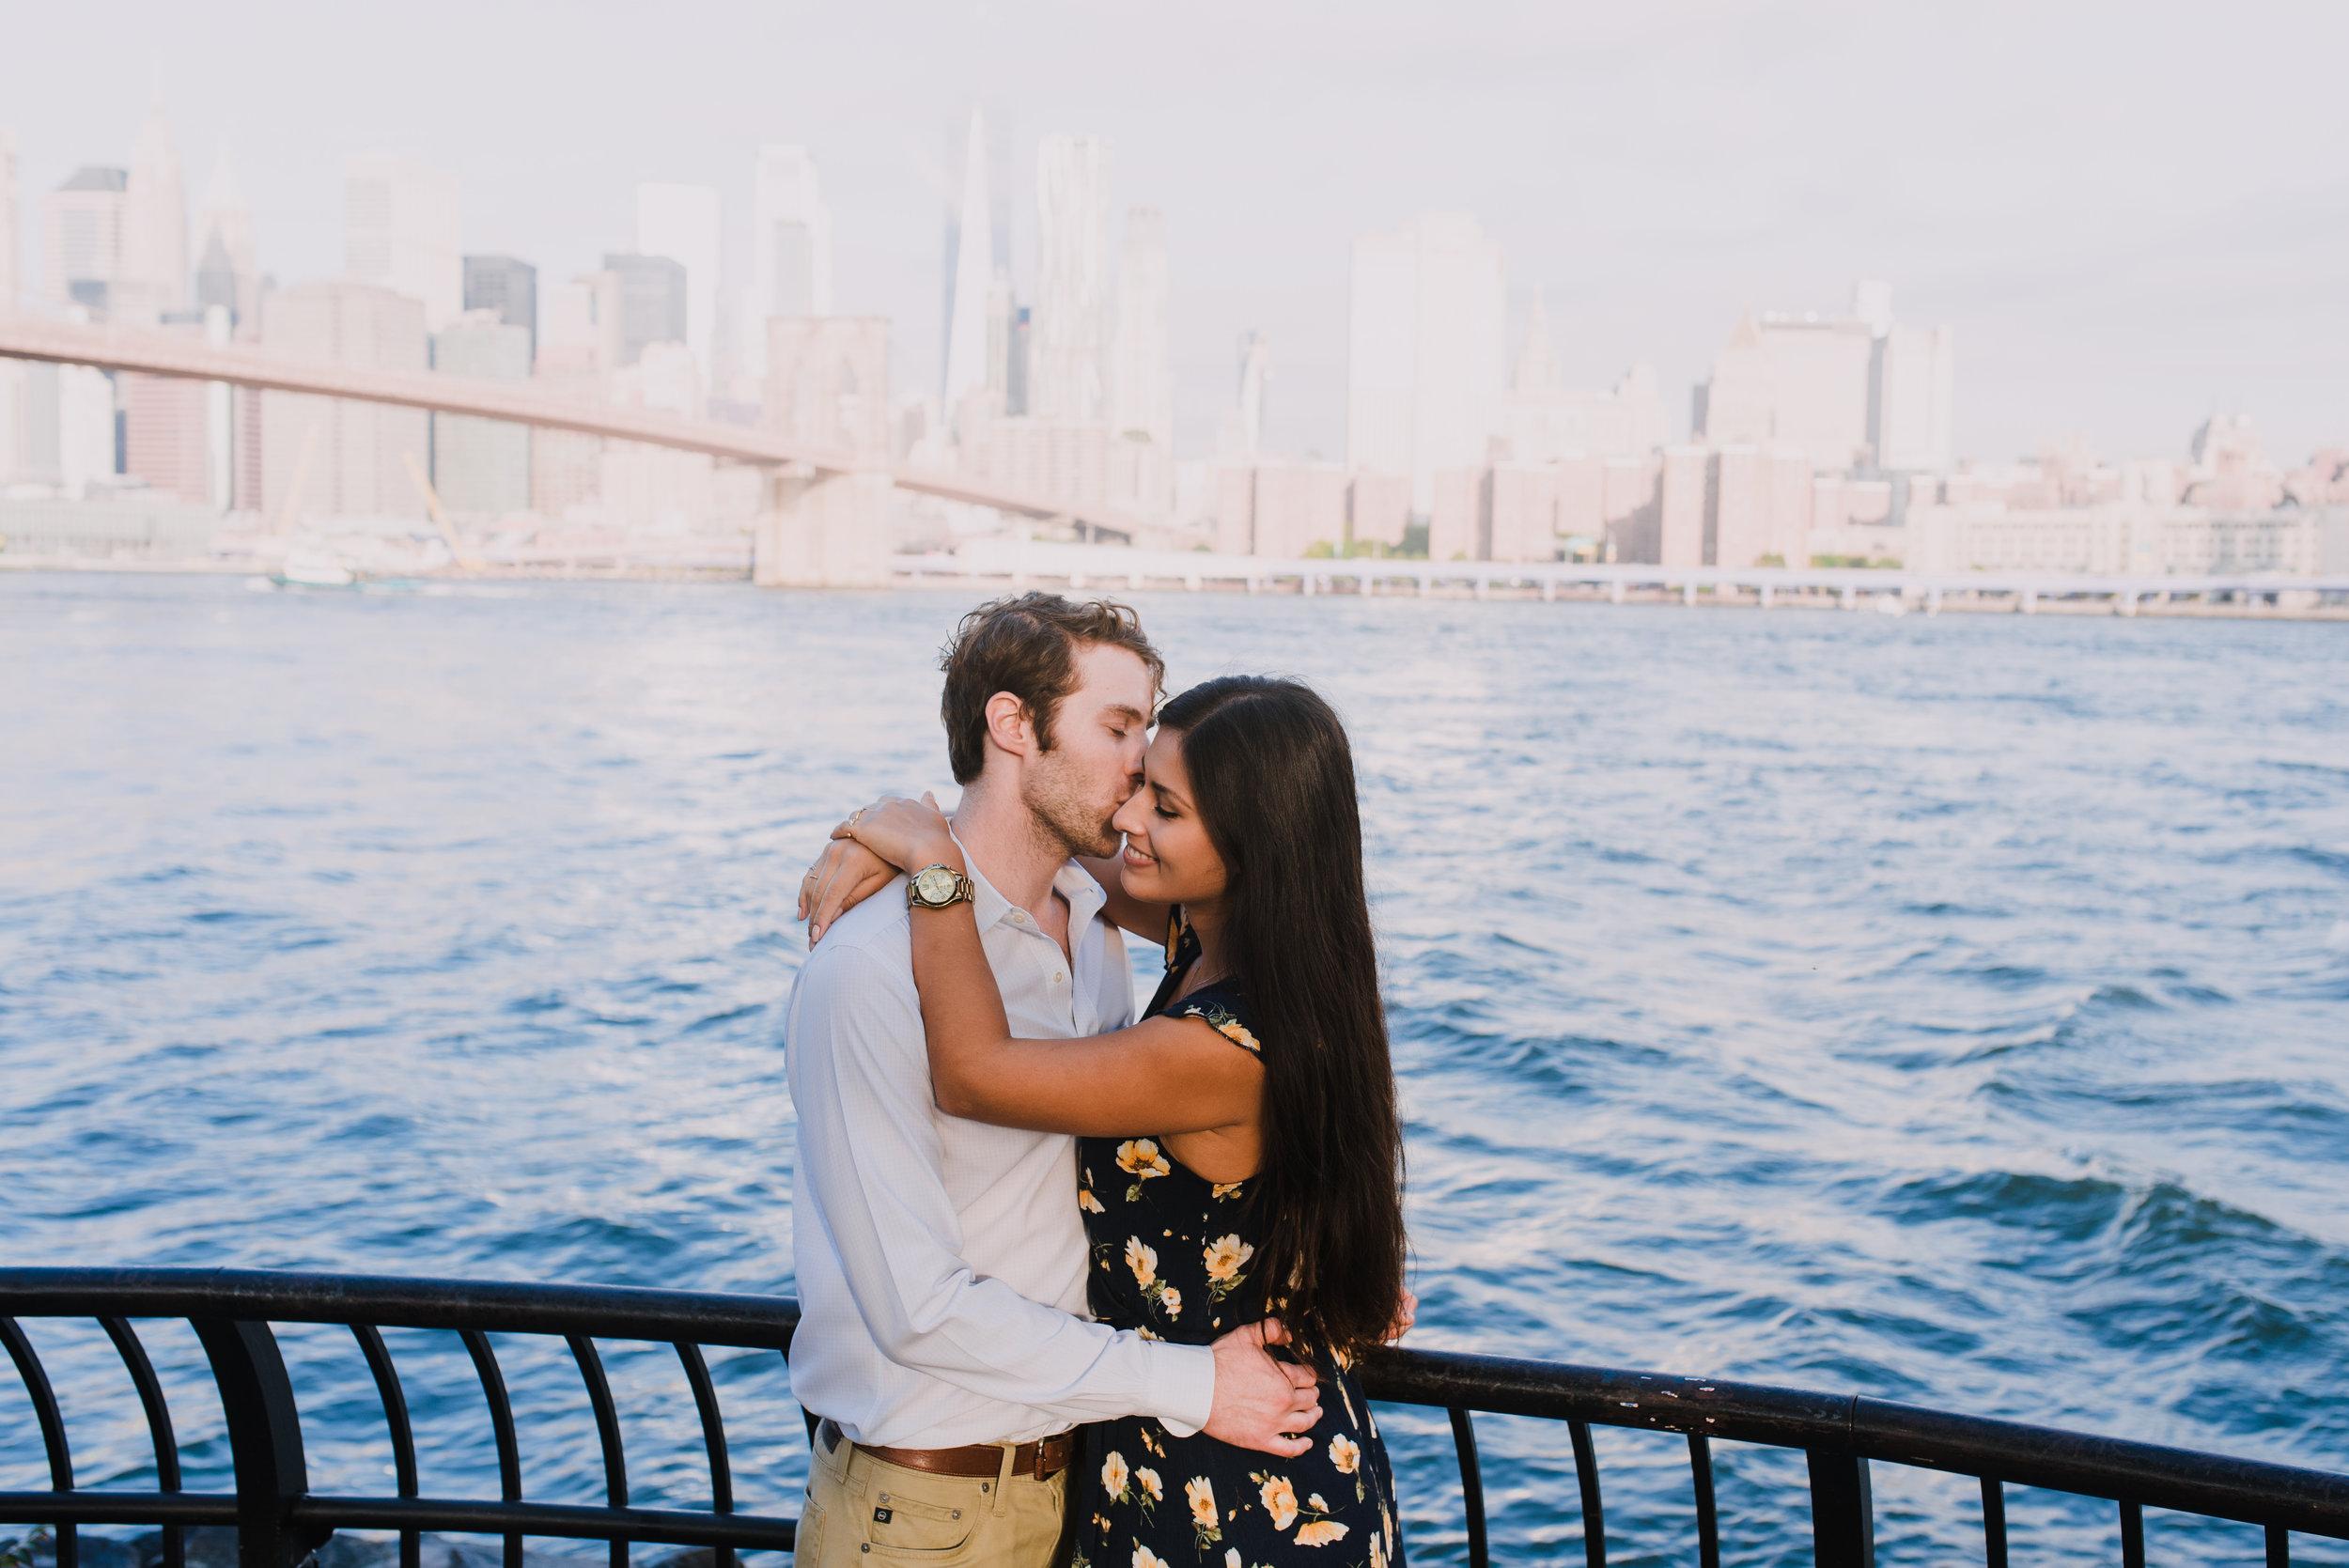 Brooklym Bridge engagement photography, NY wedding photographer, NYC elopement photographer, NYC wedding photographer (20).jpg